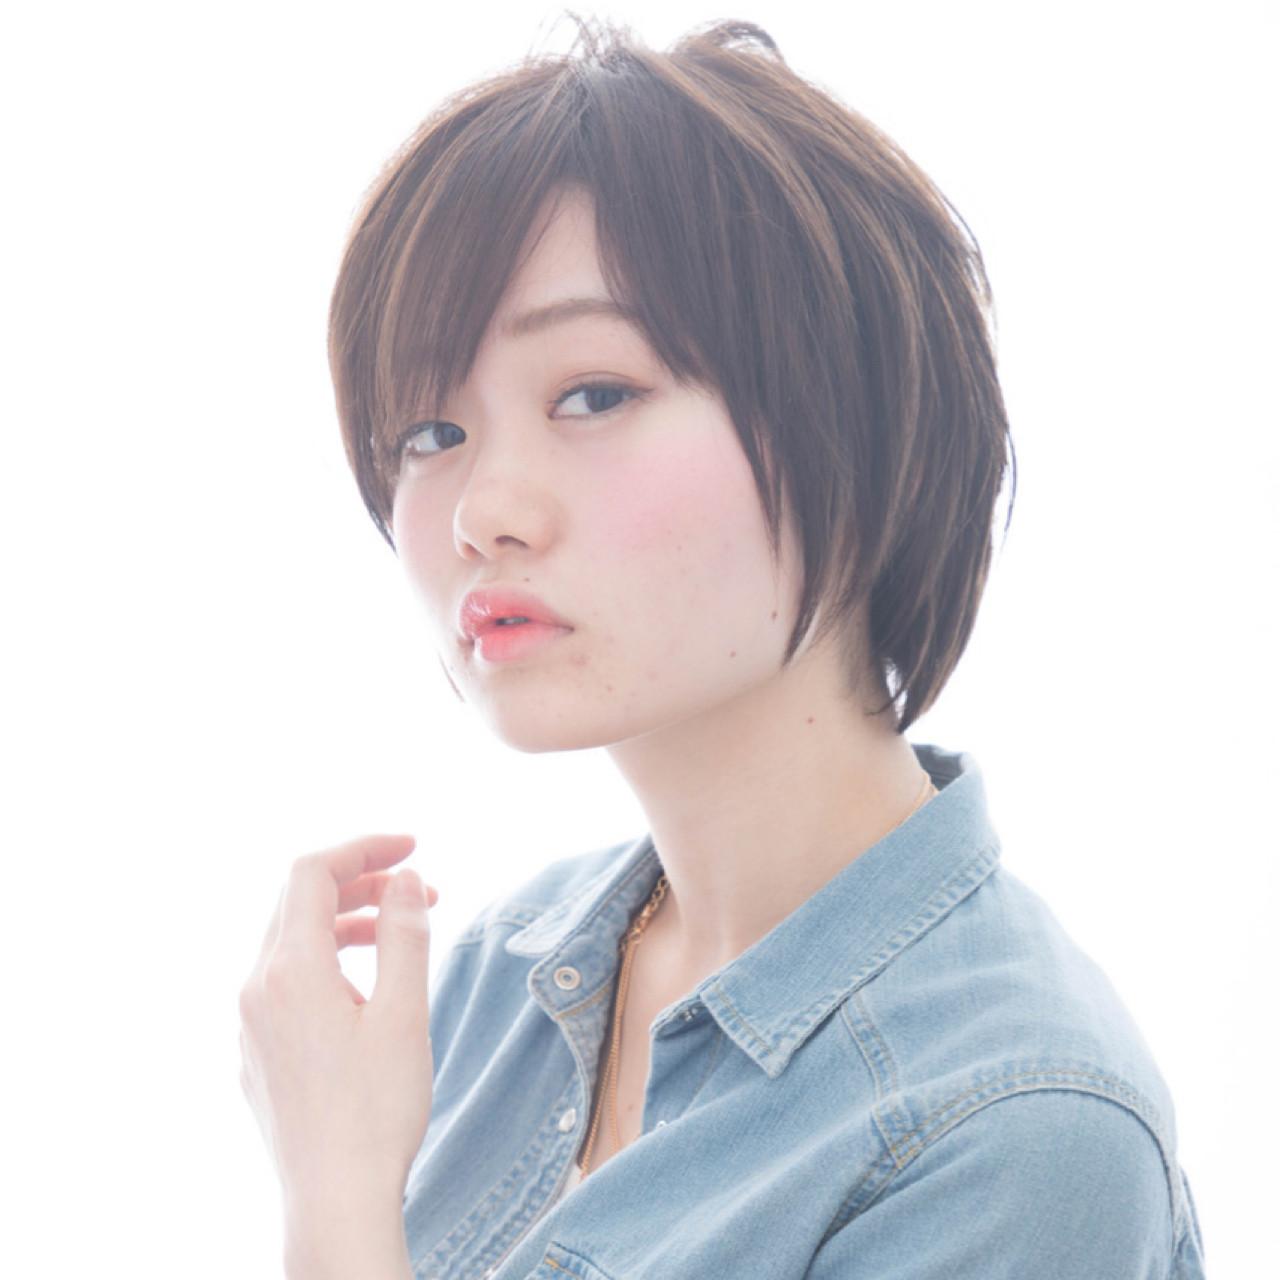 【顔型診断】顔の形で分かる!自分に似合う髪型って何?♡ ゆかり